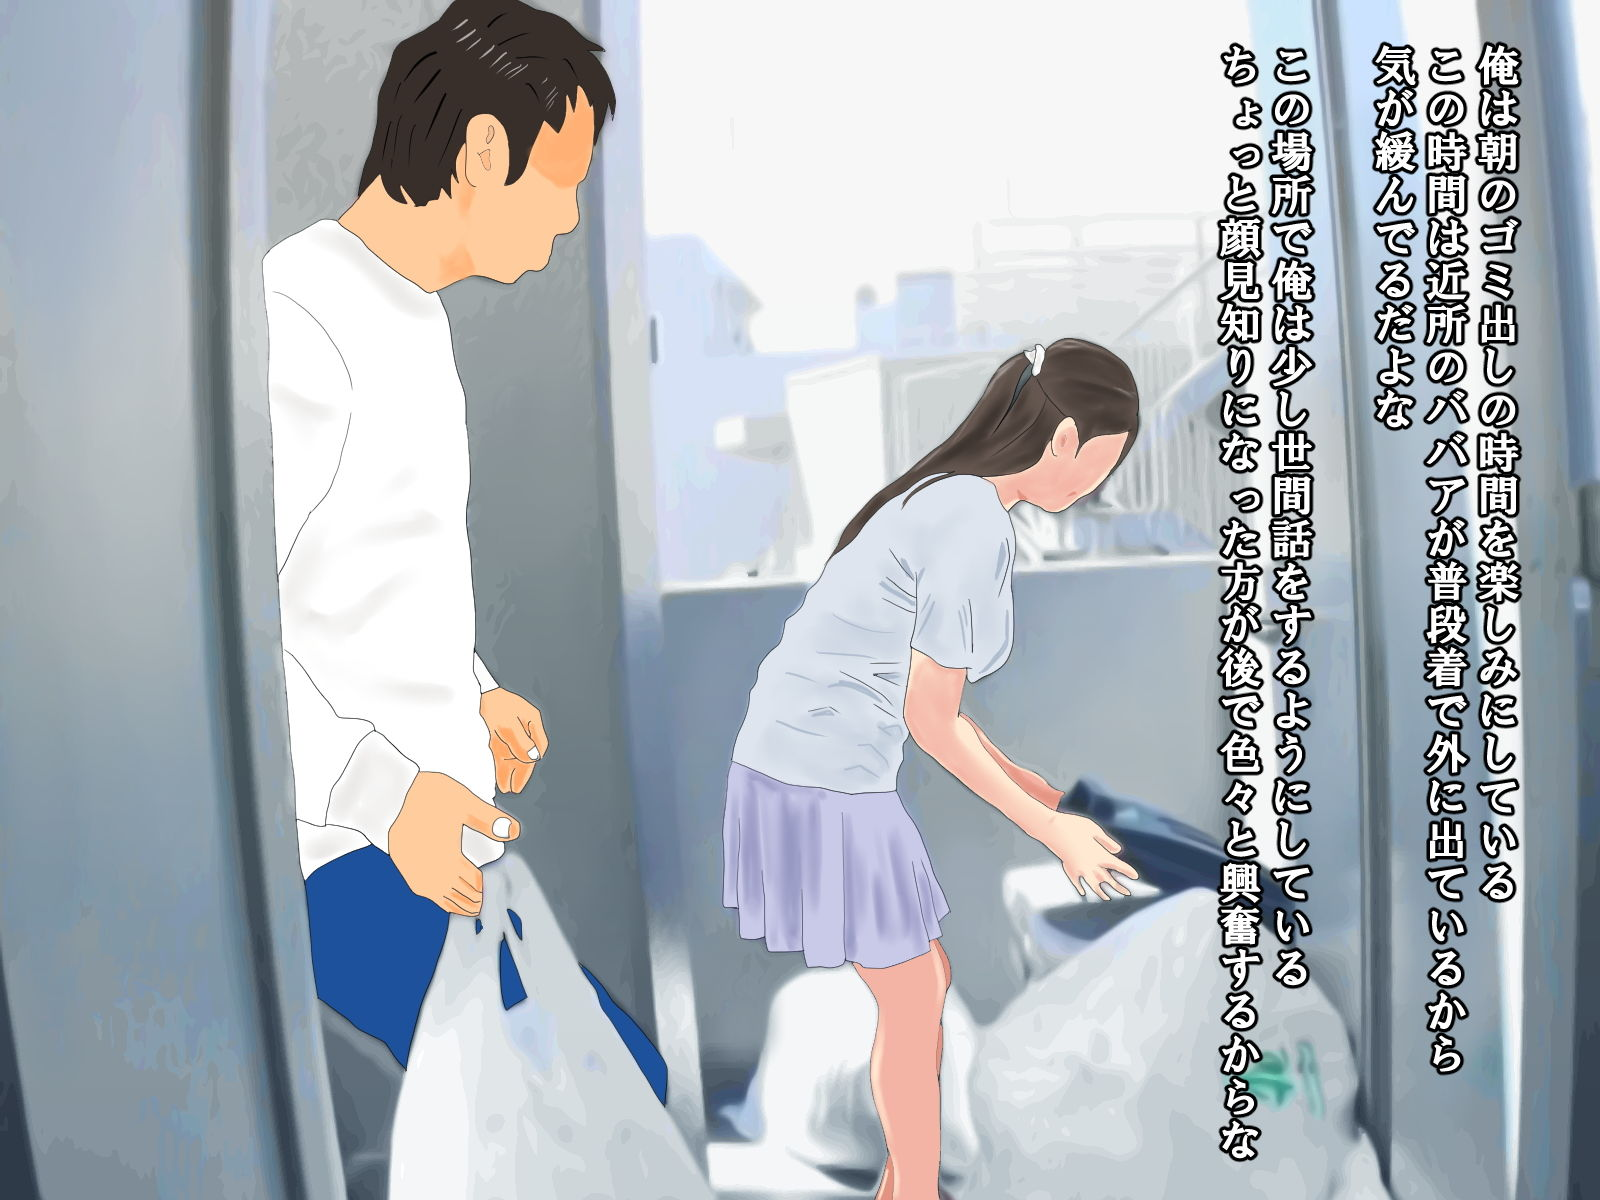 朝ゴミ出しをするババアが熟女で俺好みだったから挿入してみた【おばさん】